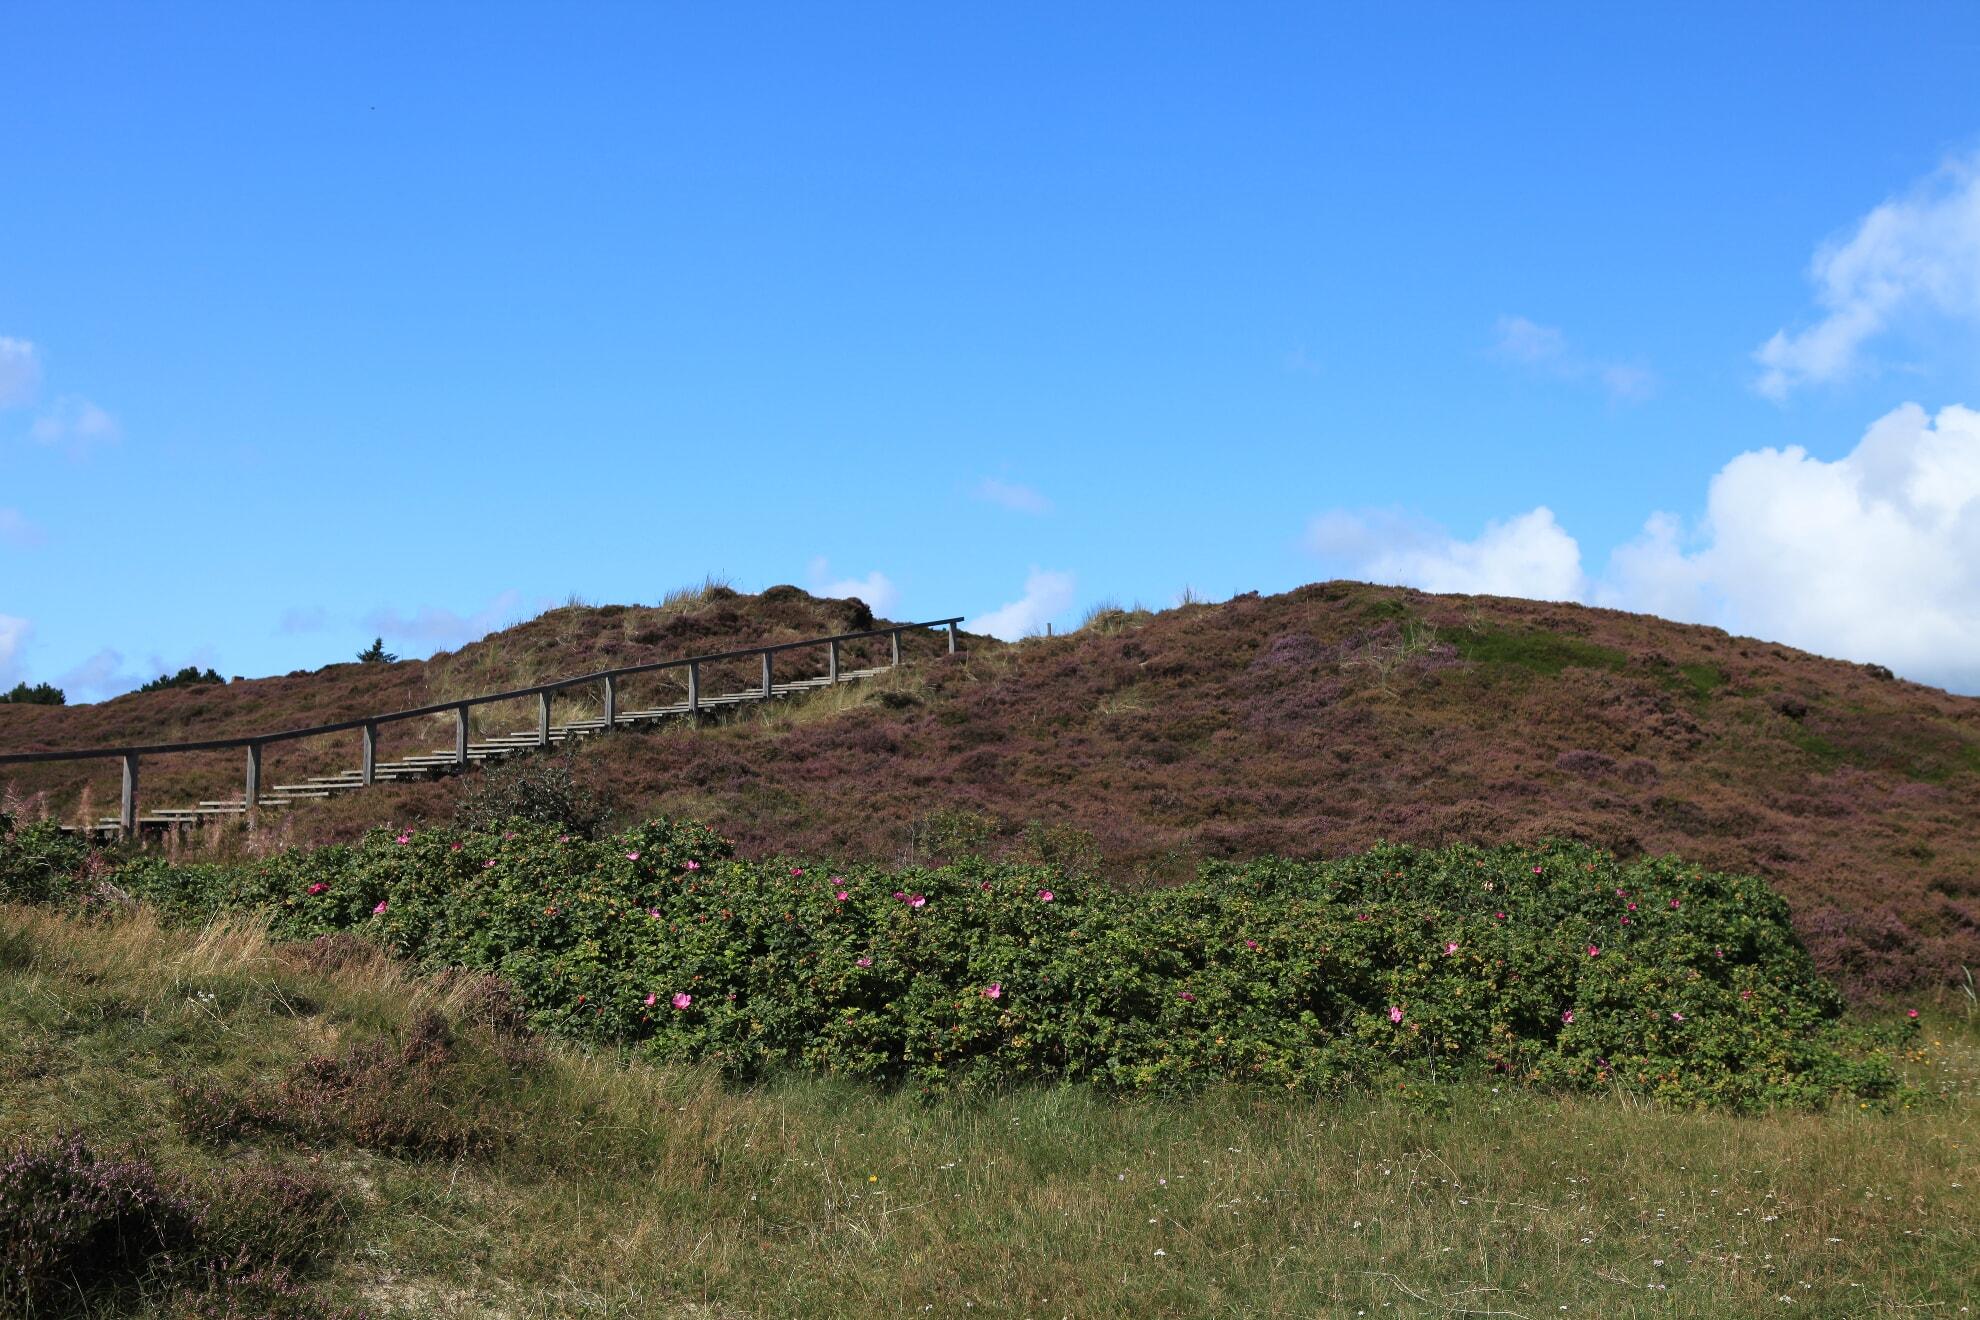 Blühende Heide mit Heckenrosen